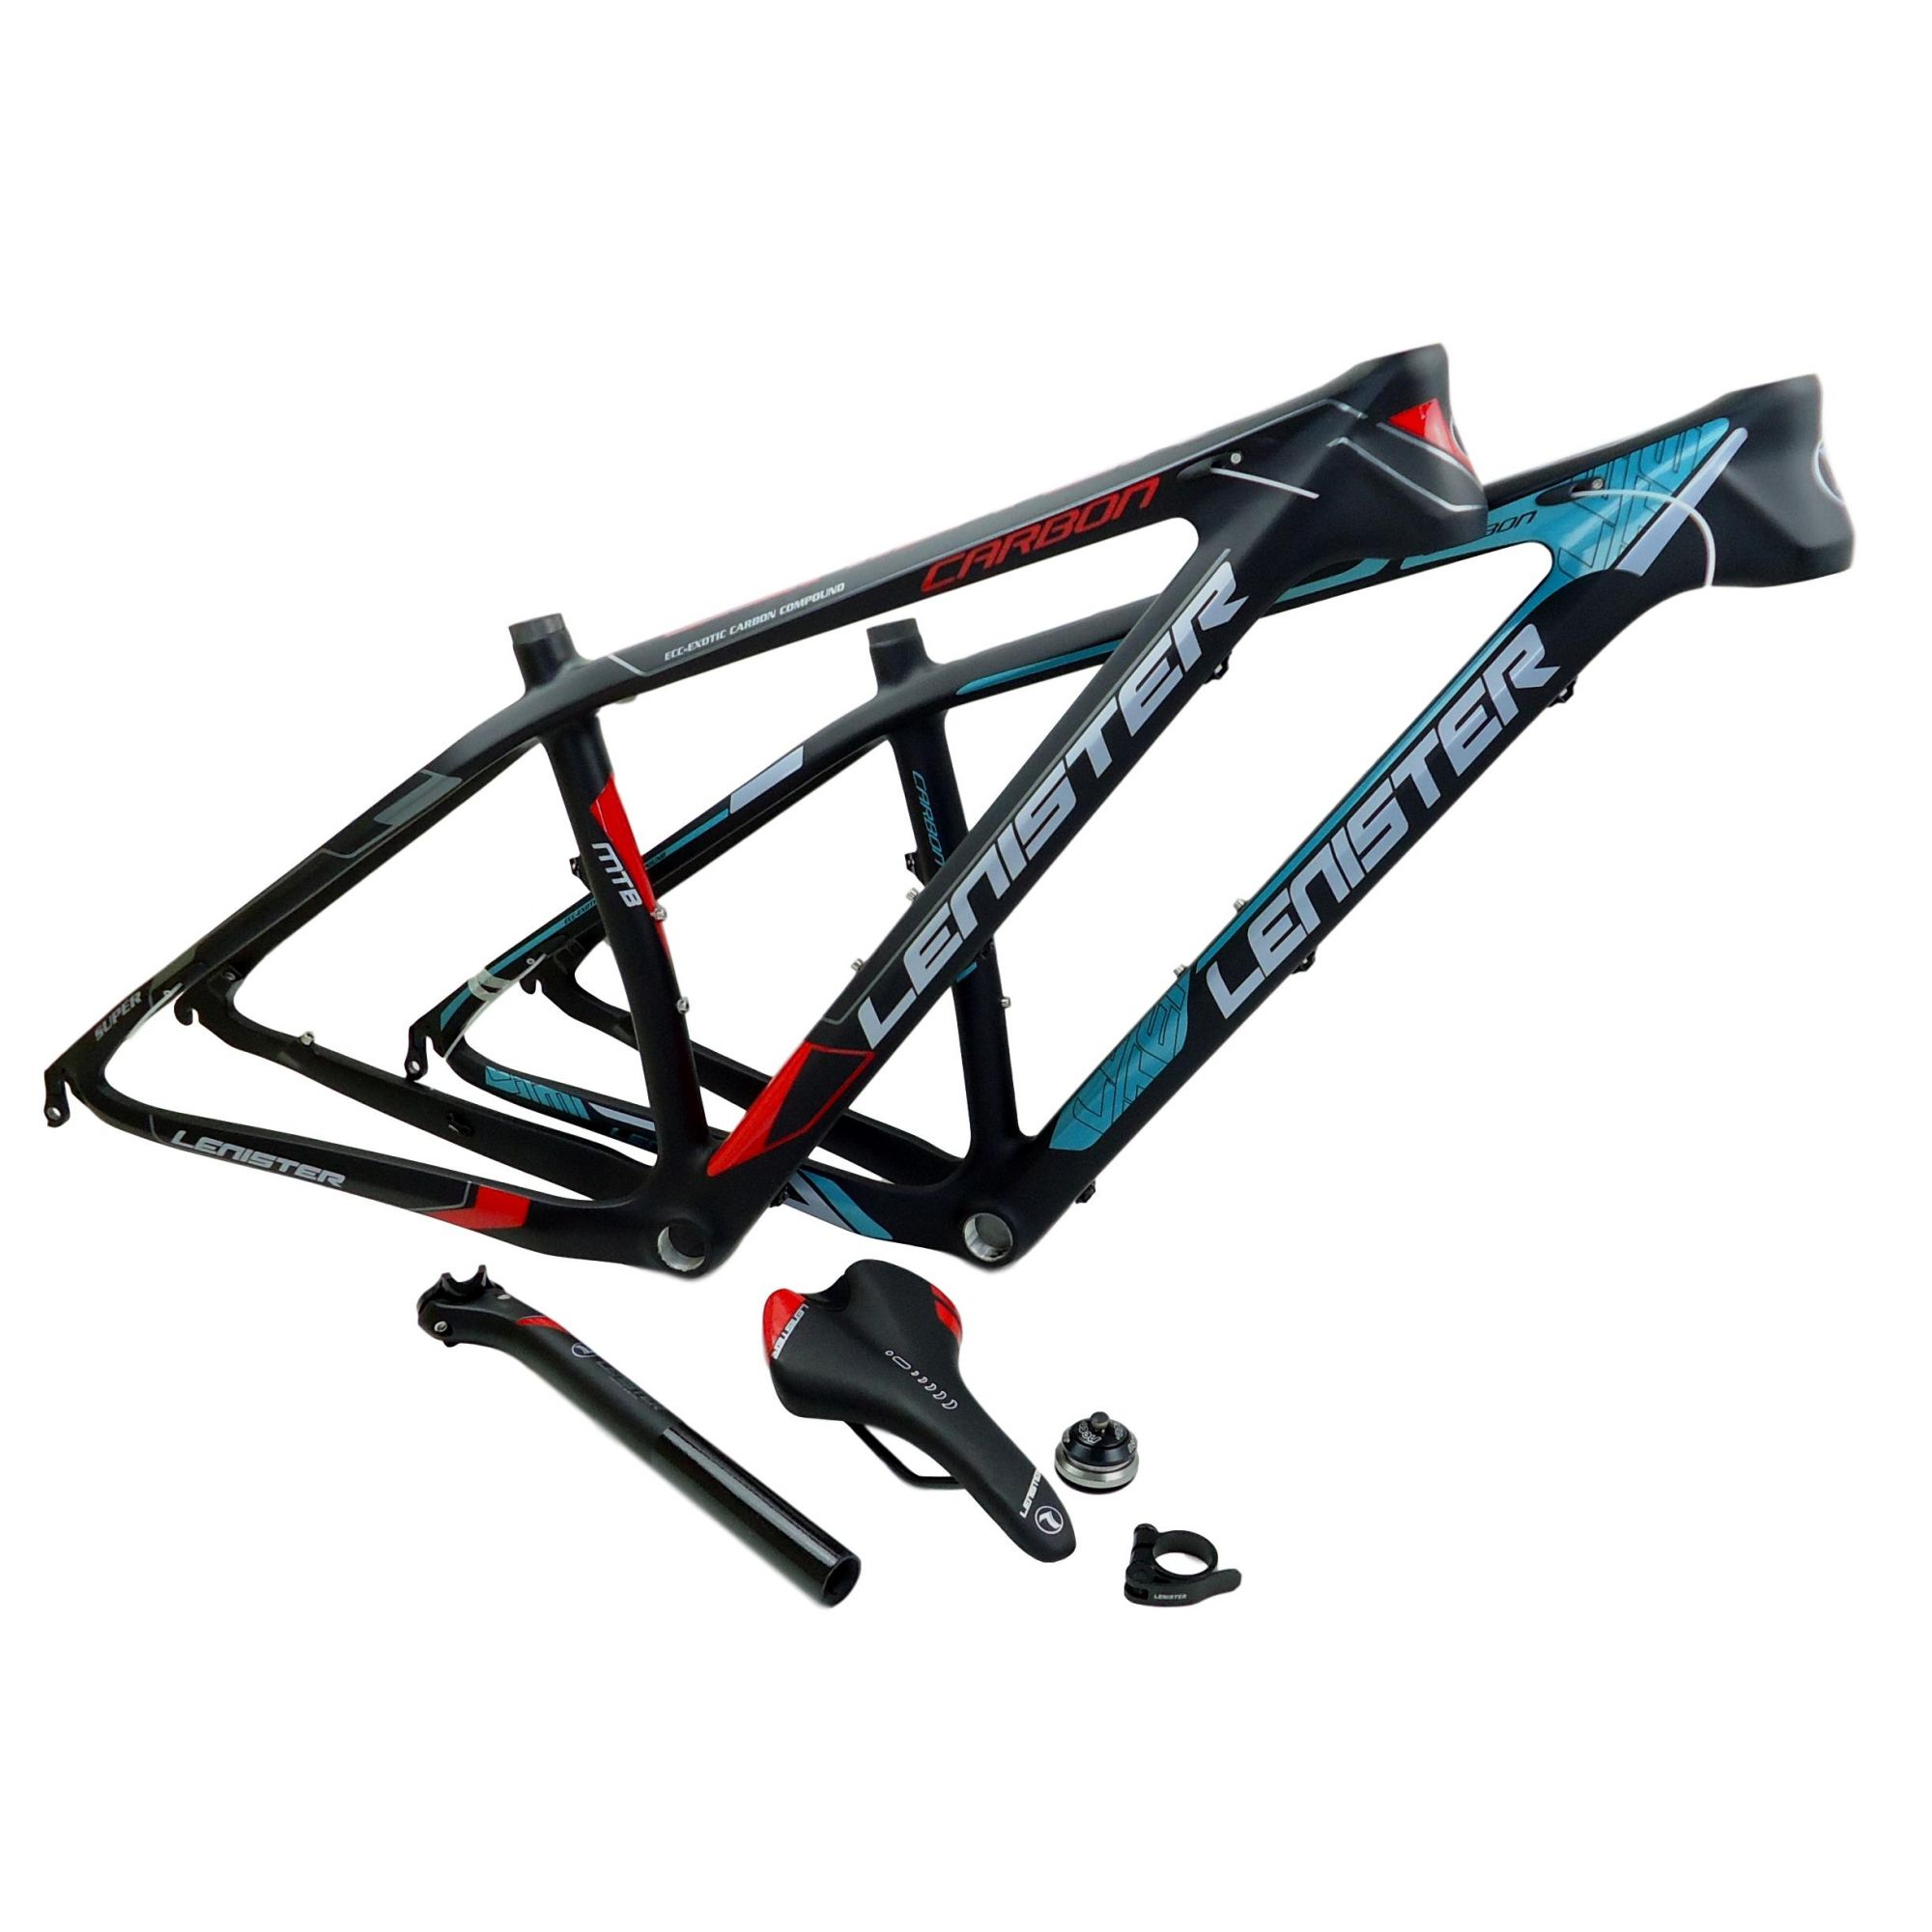 Quadro 29 Bicicleta MTB Lenister Carbono Tam 17 + Kit Selim Canote Caixa Direção